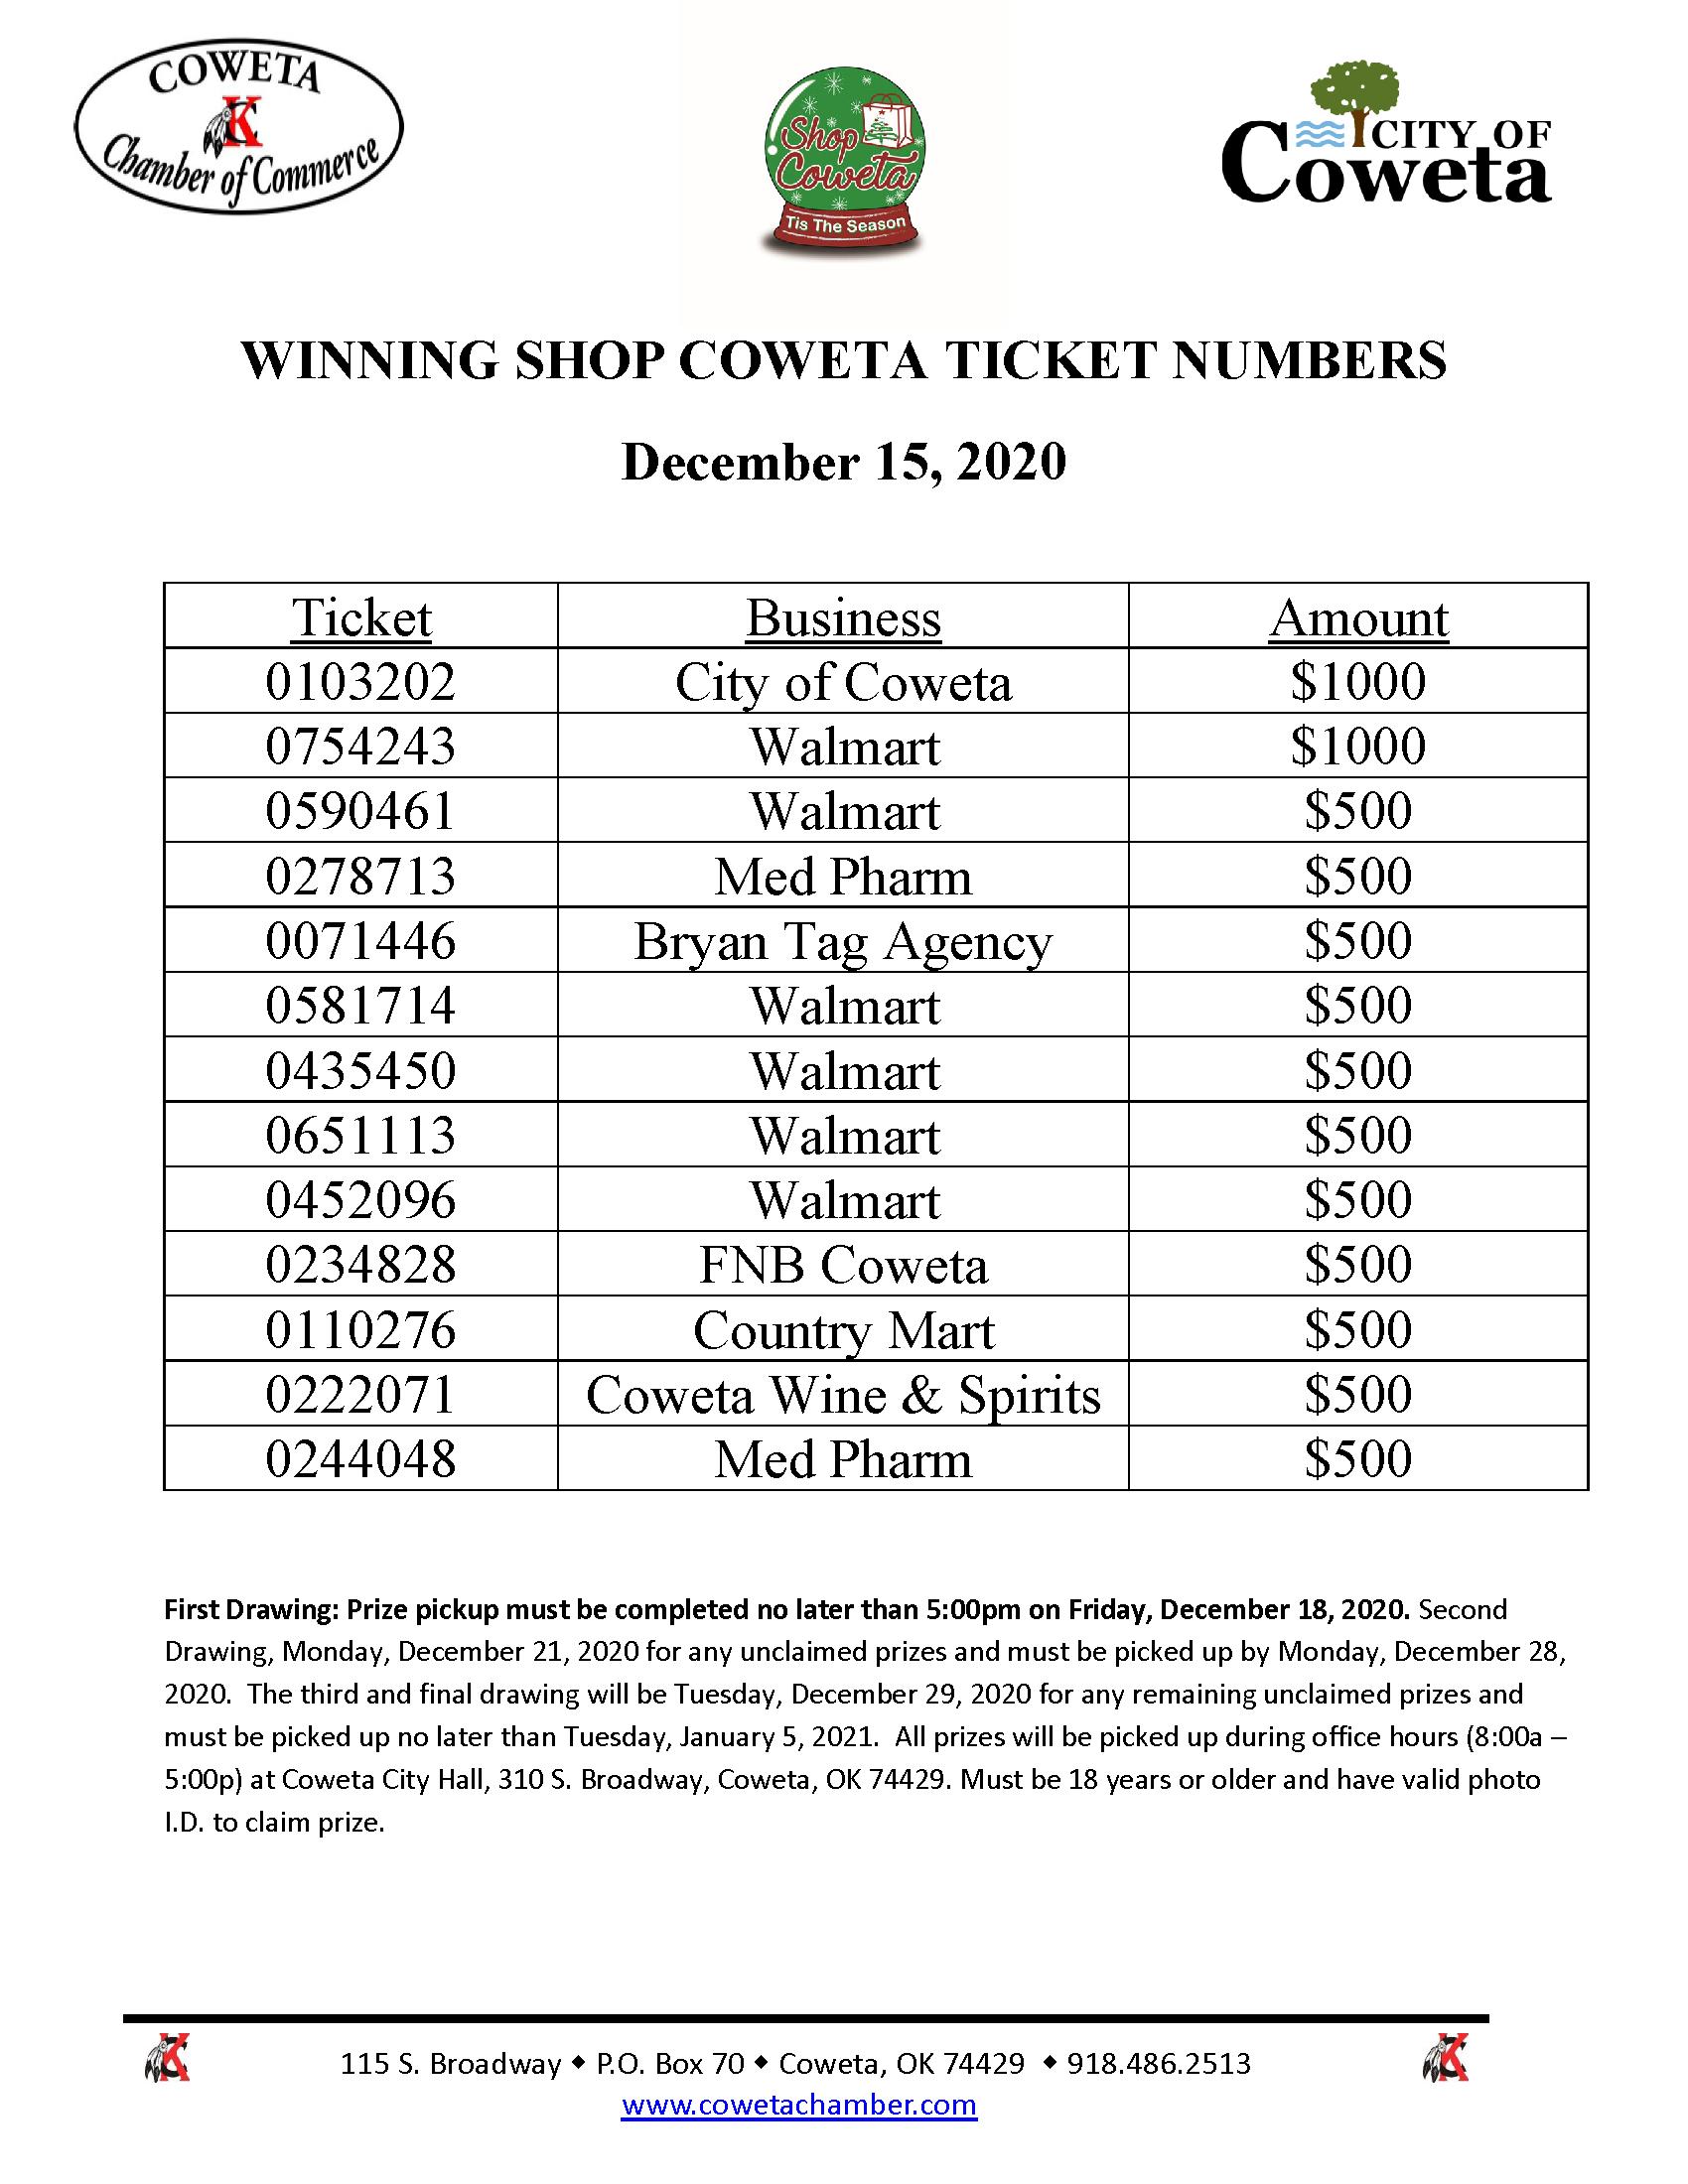 Shop Coweta 1st Round